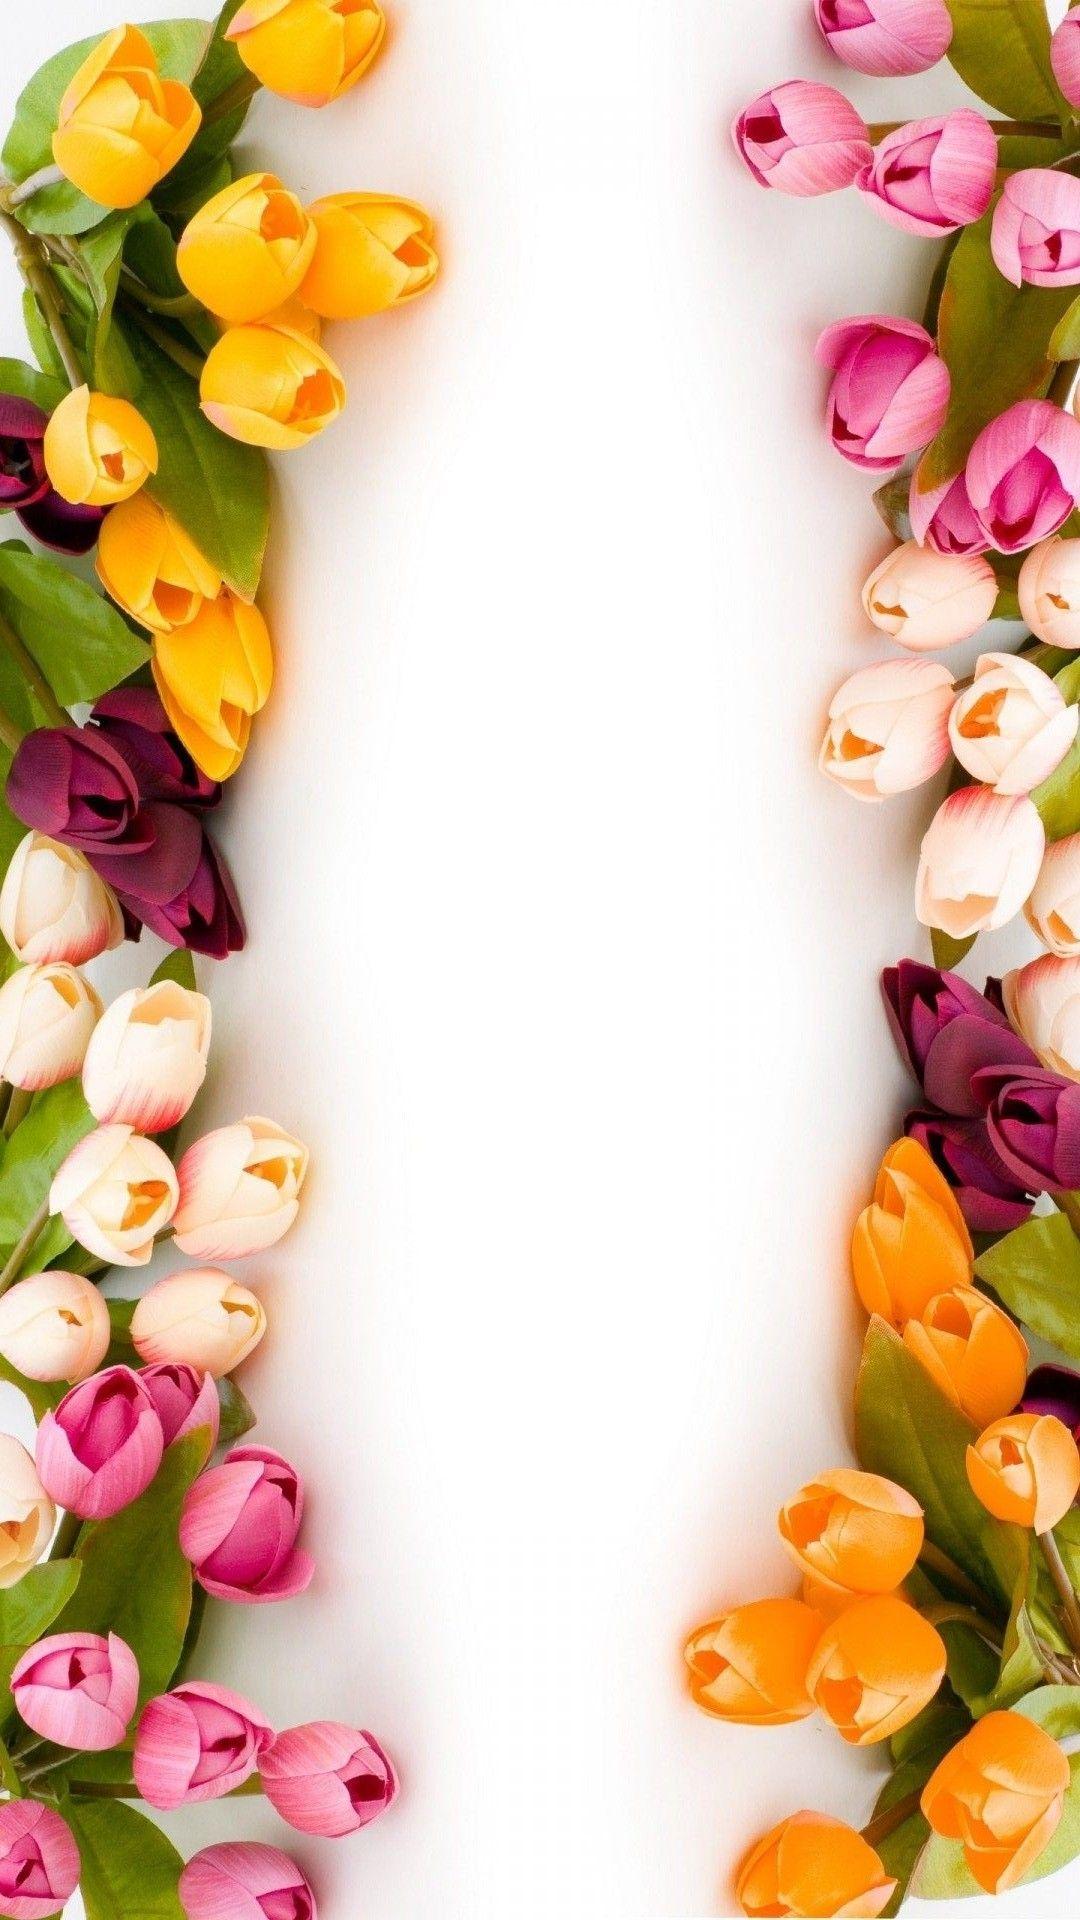 Cute Flower Mobile Wallpaper HD Best HD Wallpapers